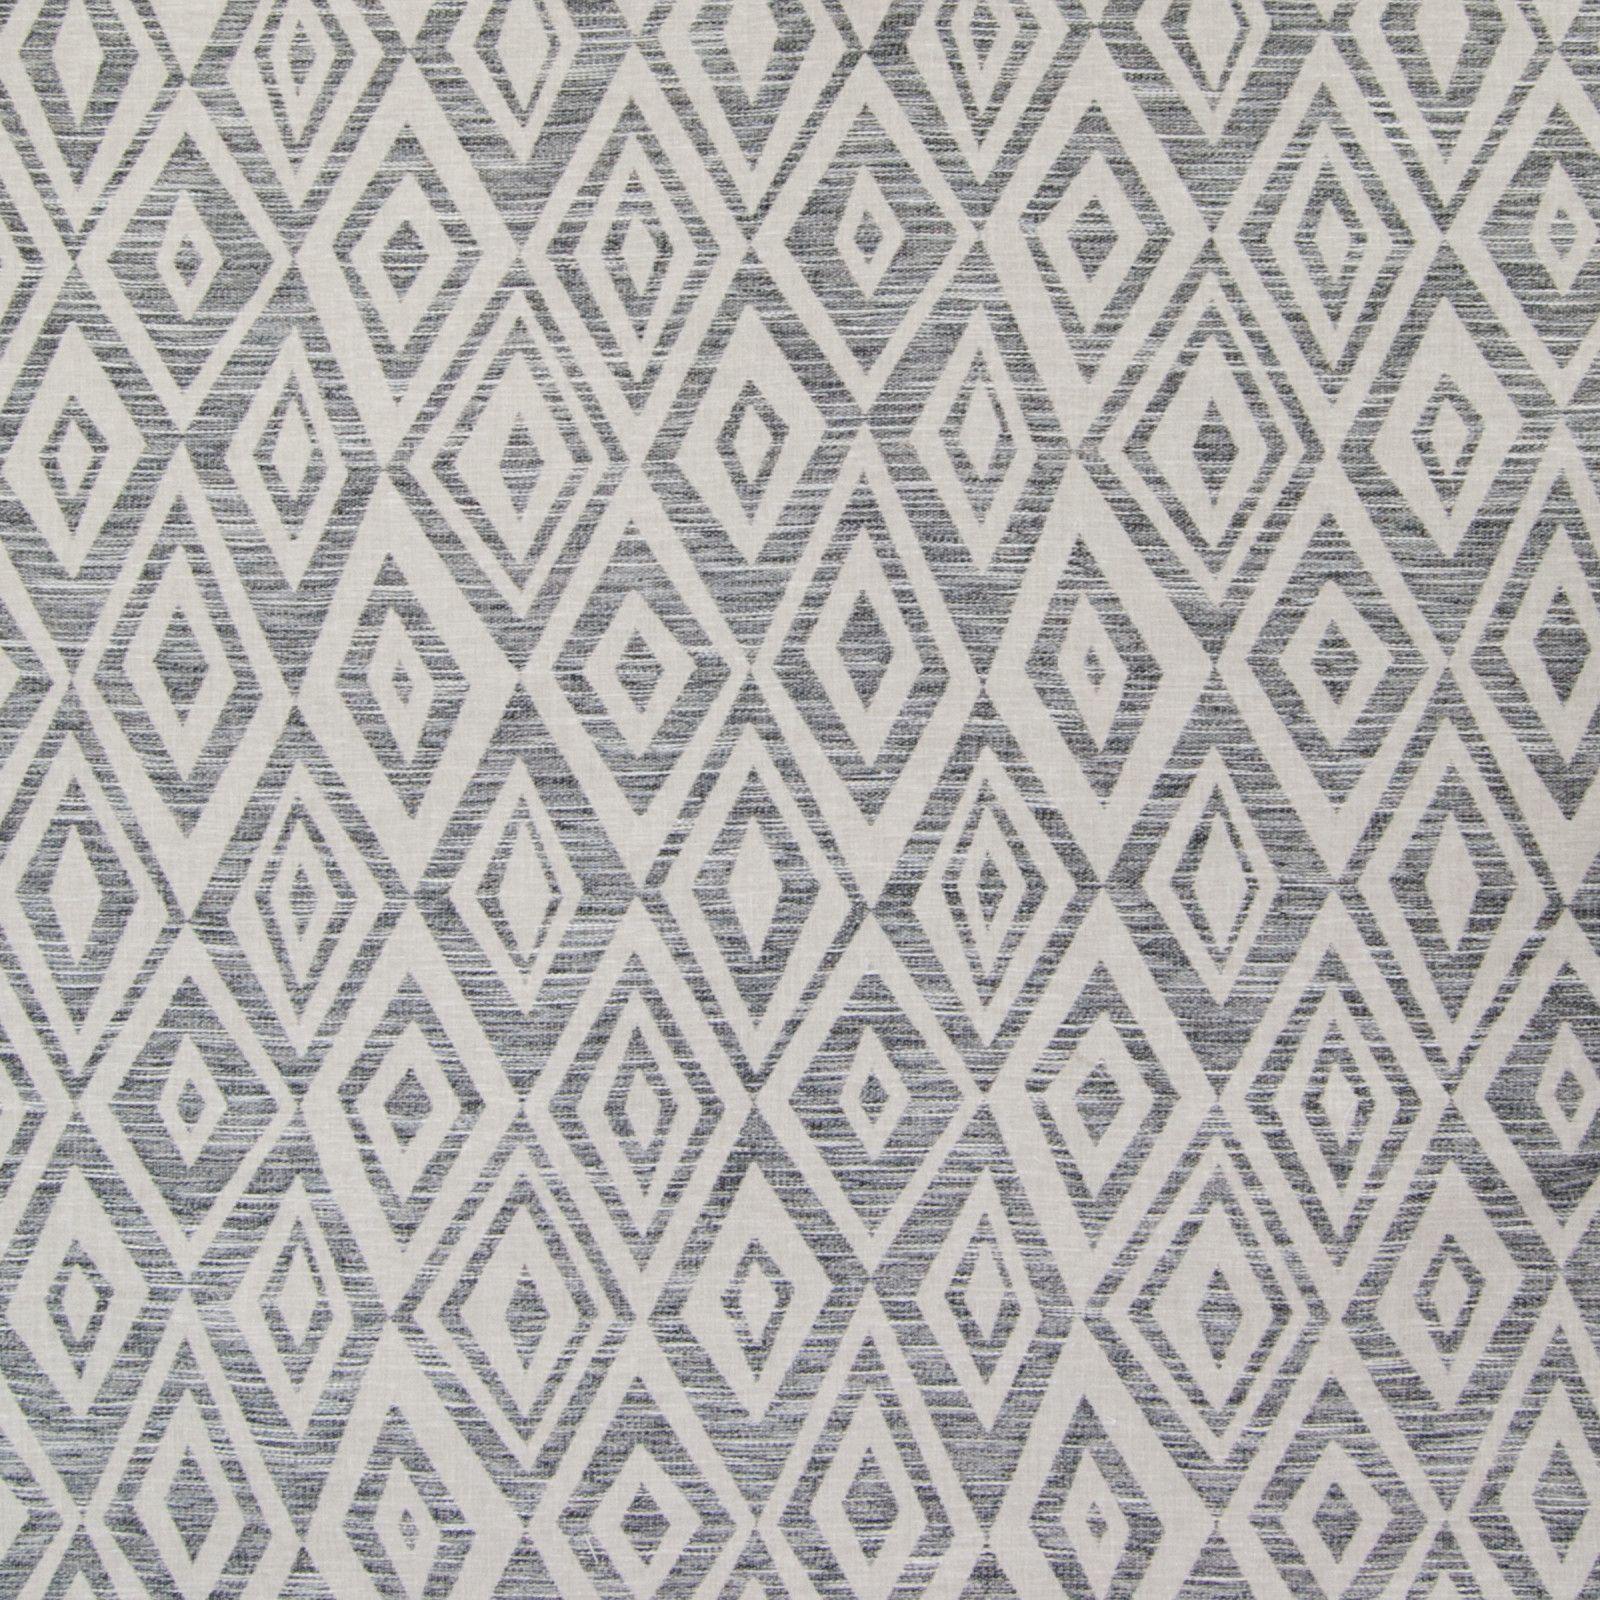 Slate Gray Diamond Woven Upholstery Fabric | Gray color ...